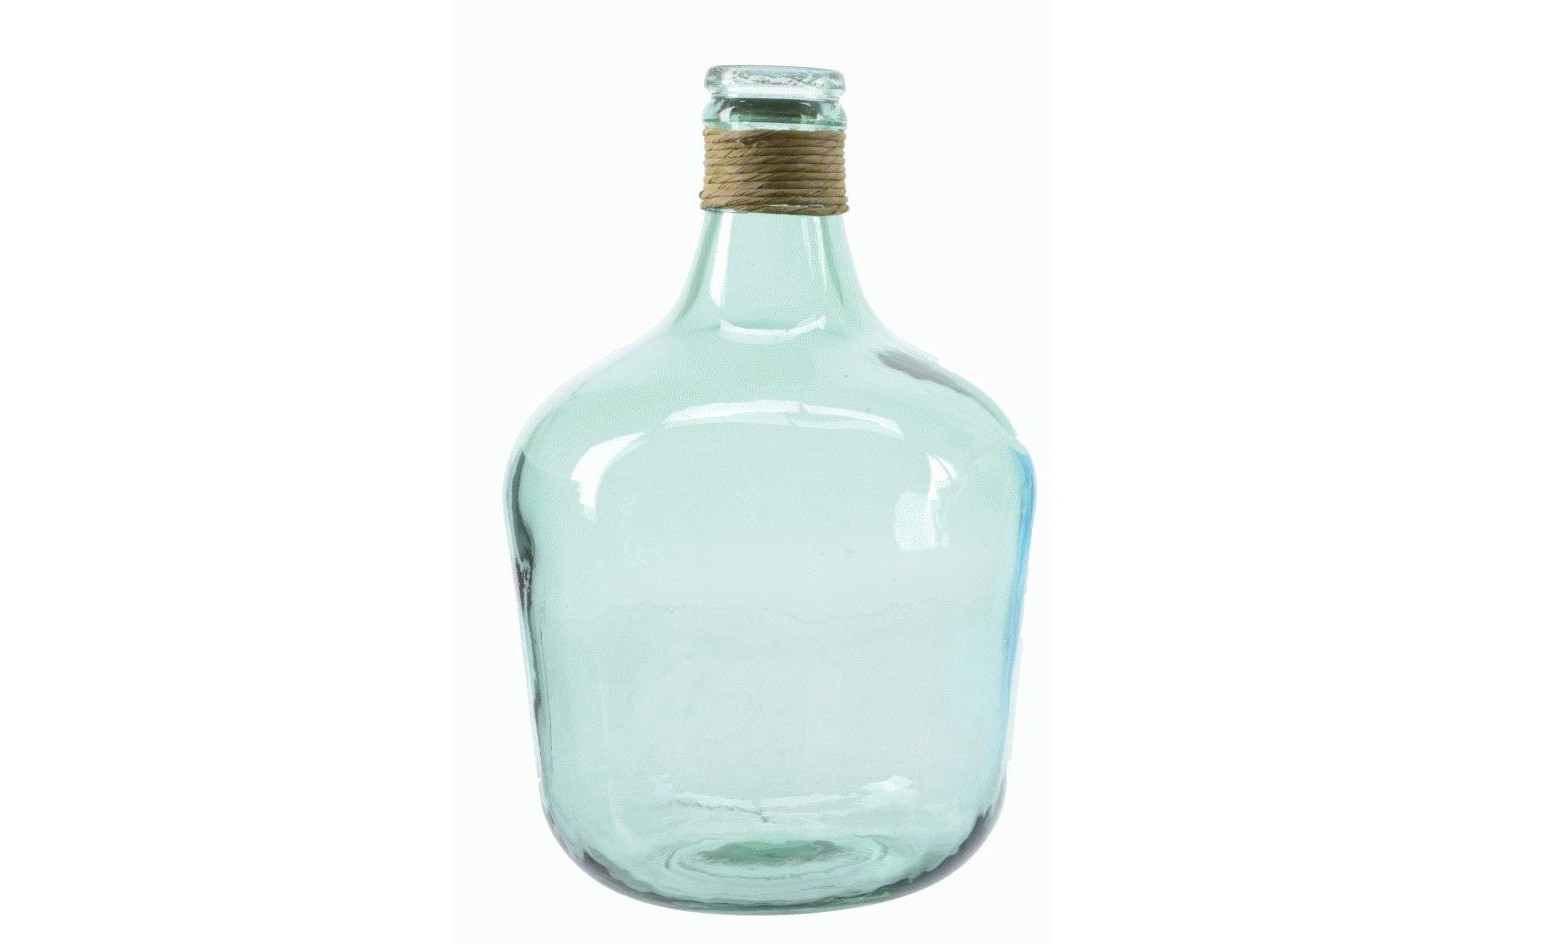 Бутыль с веревкой на горлышкеБанки и бутылки<br><br><br>Material: Стекло<br>Height см: 42<br>Diameter см: 27